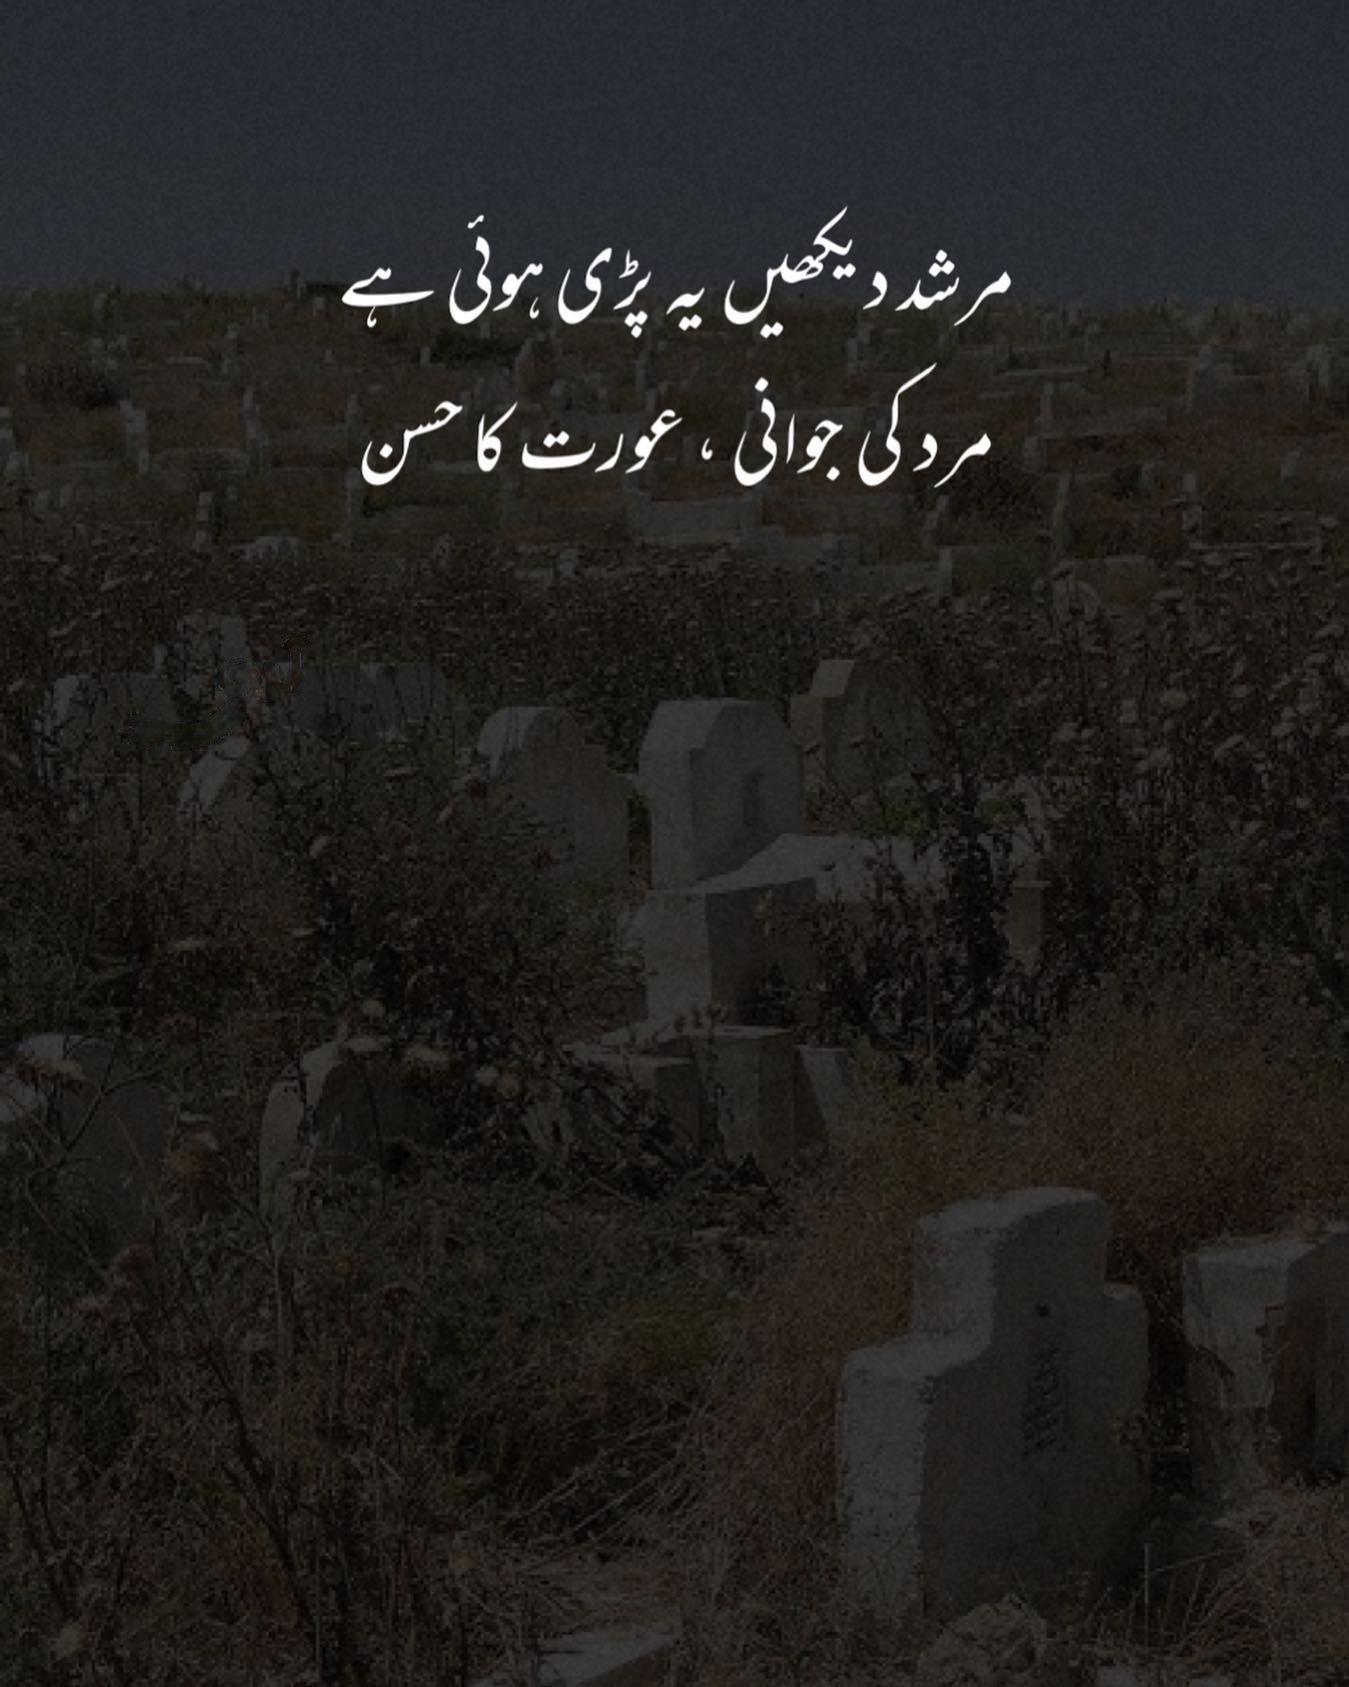 Murshid Dekhen Yeh Parri Hia Mard Ki Jawani Aurat Ka Husn Aesthetic Poetry Poetry Lines Aesthetic Words